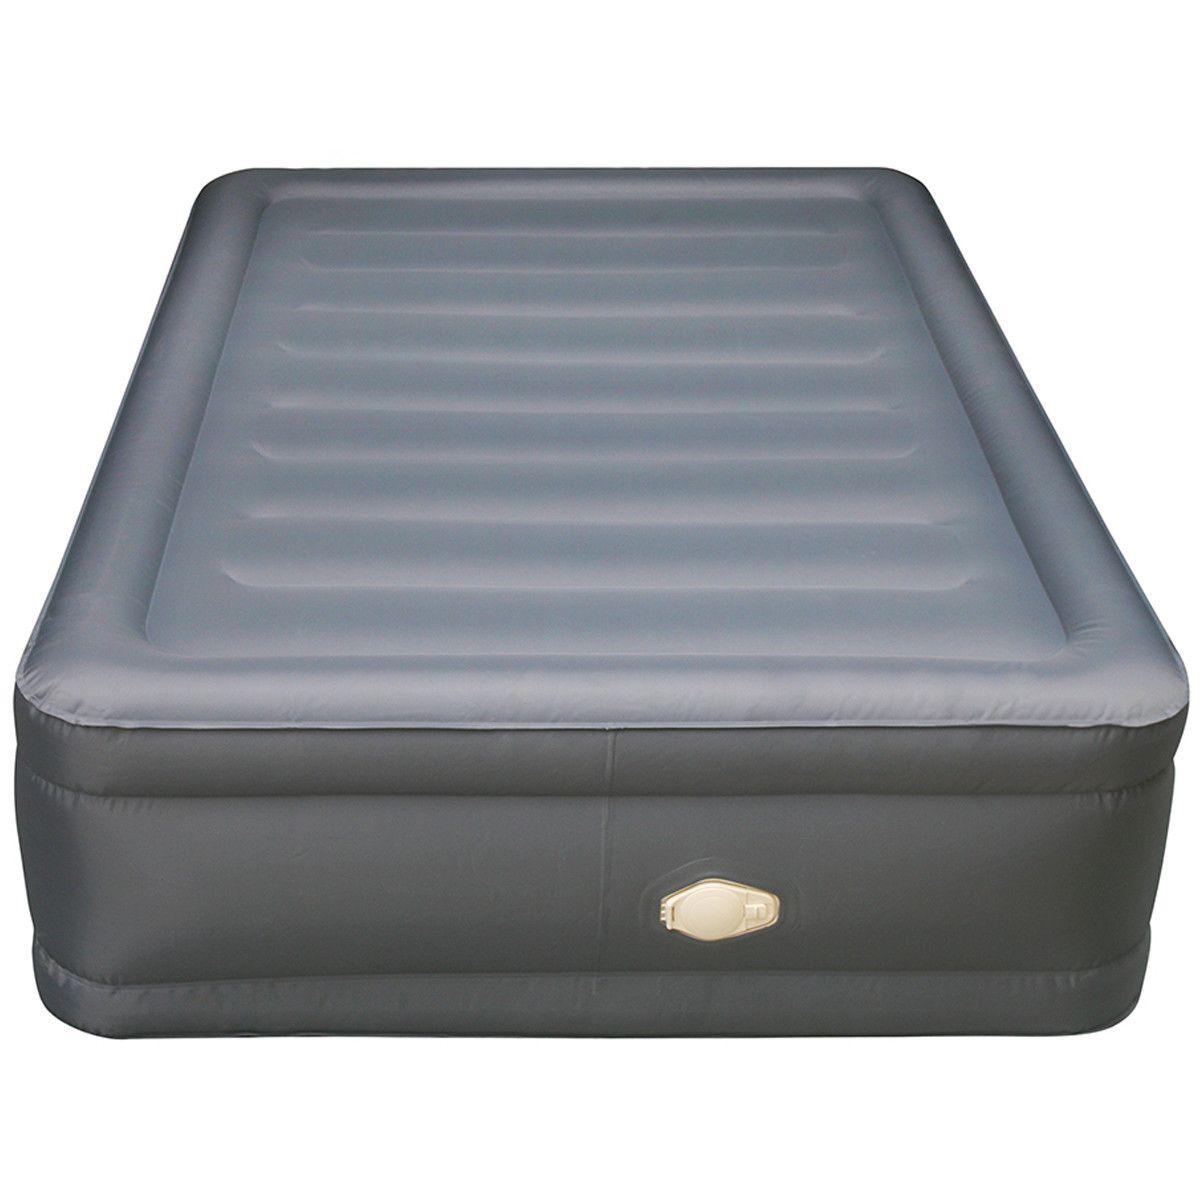 lustrous air mattress with memory foam mattress topper bedding